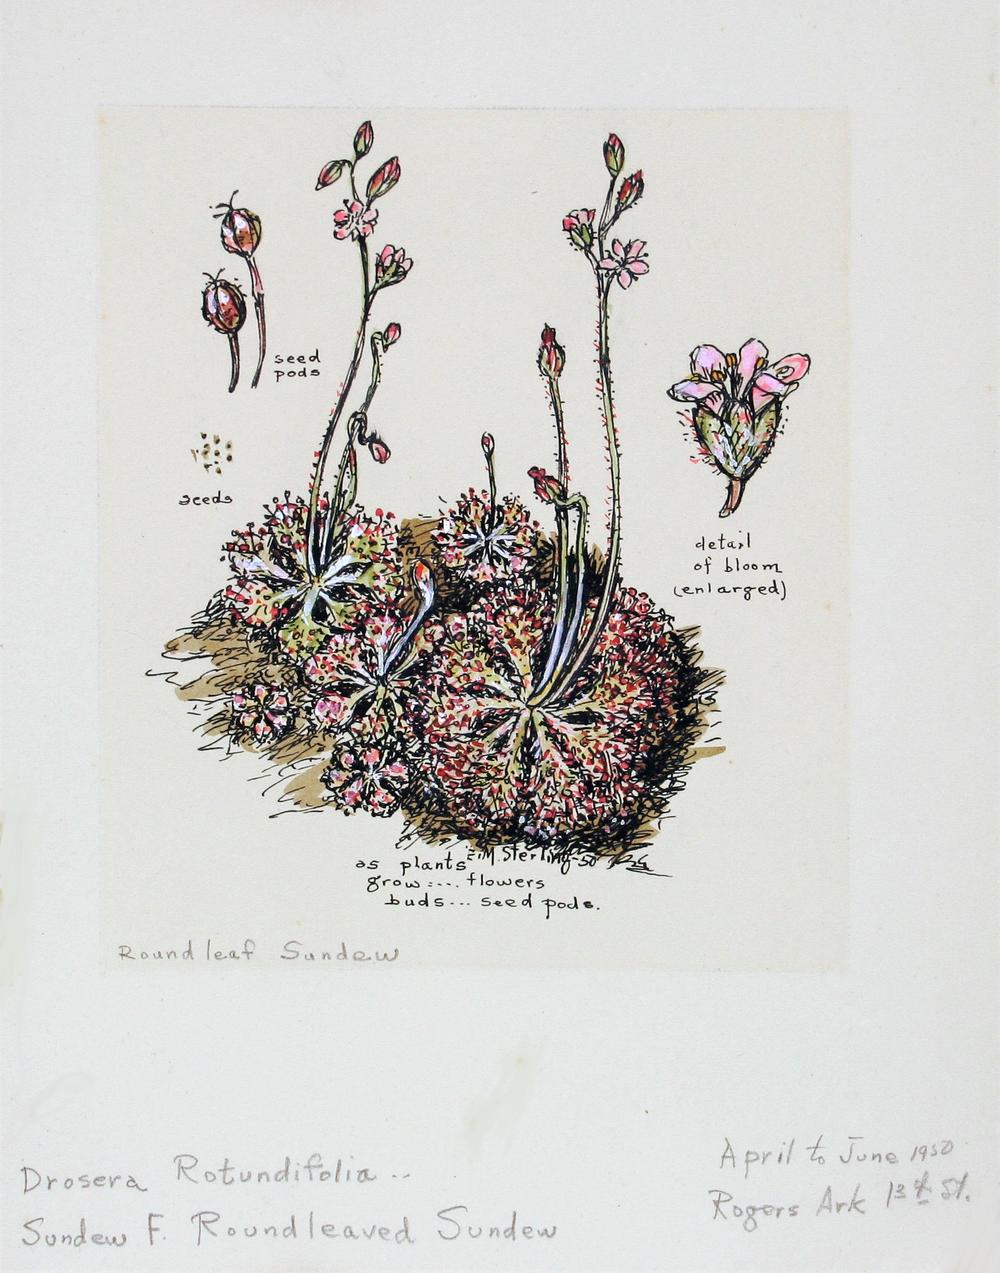 Maple Root & Trunk Fungi